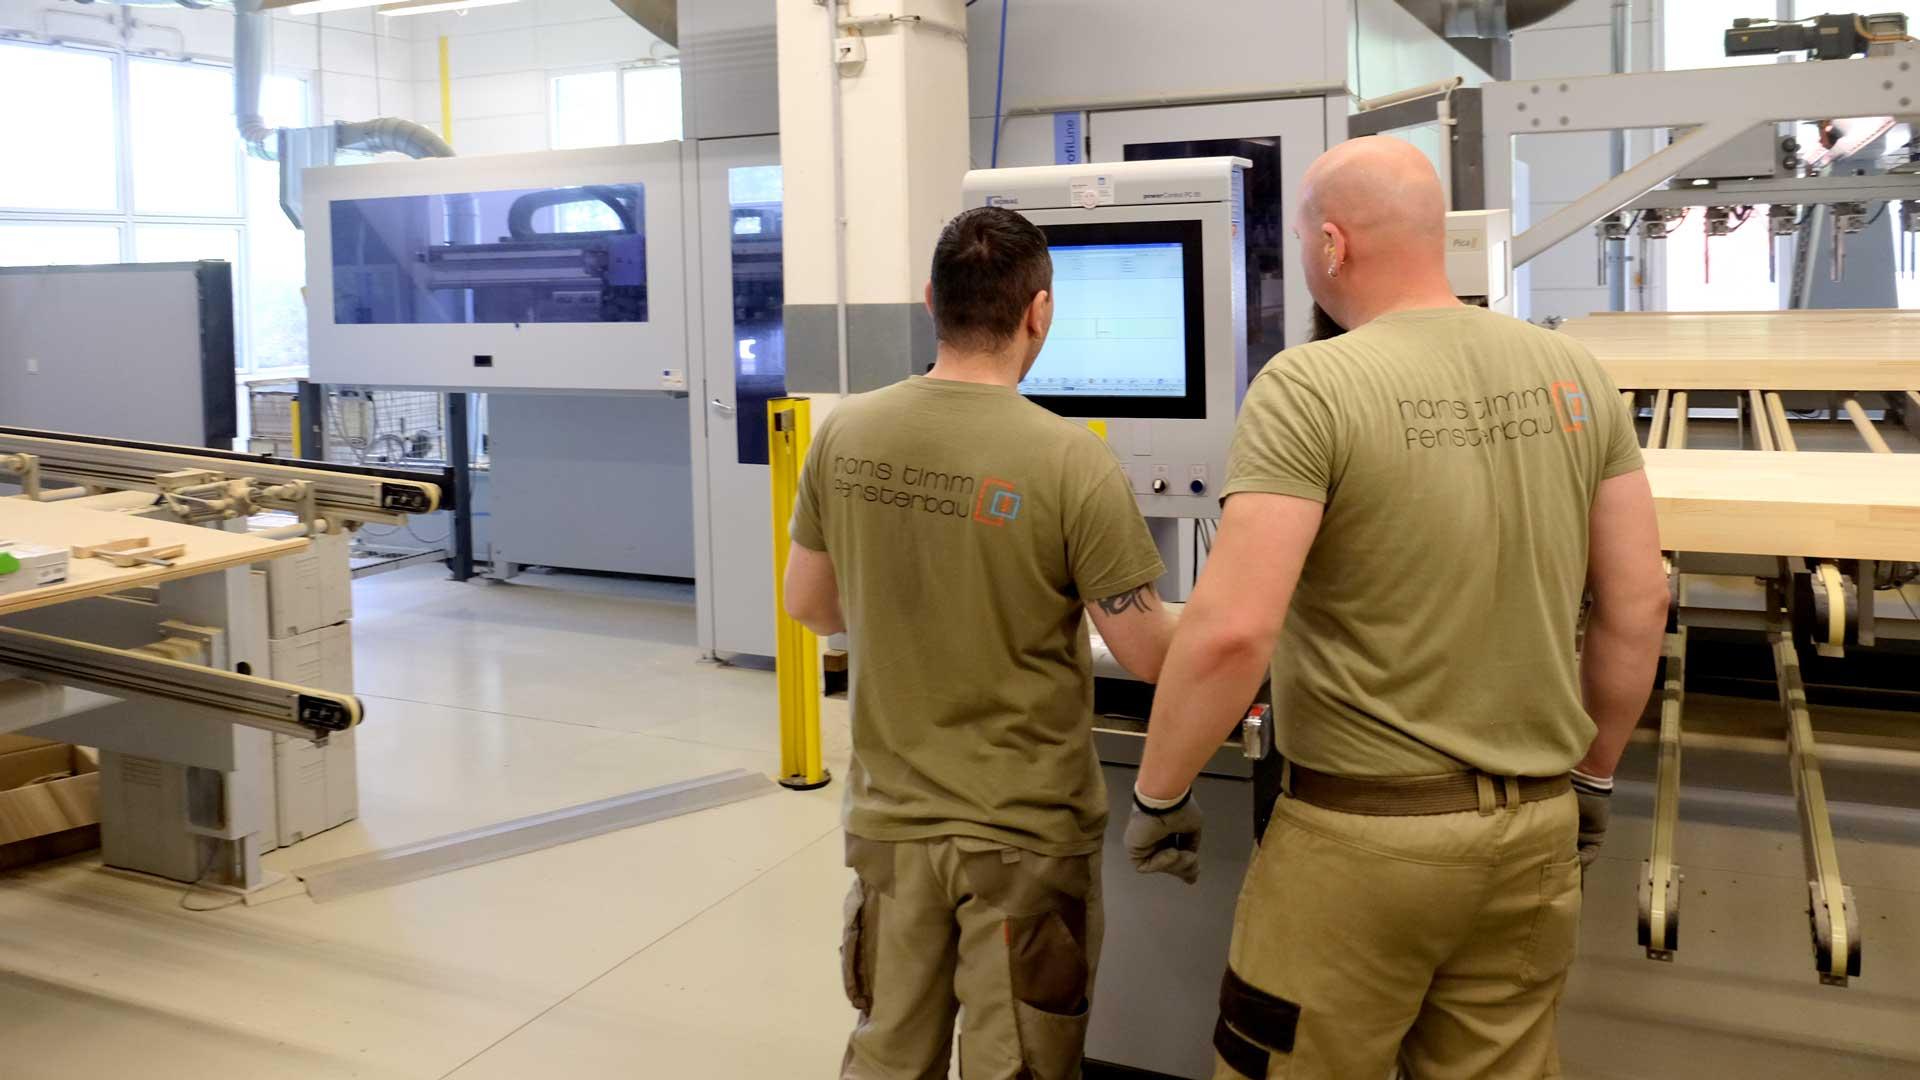 Timm Fensterbau, Karriere: CNC-Maschine